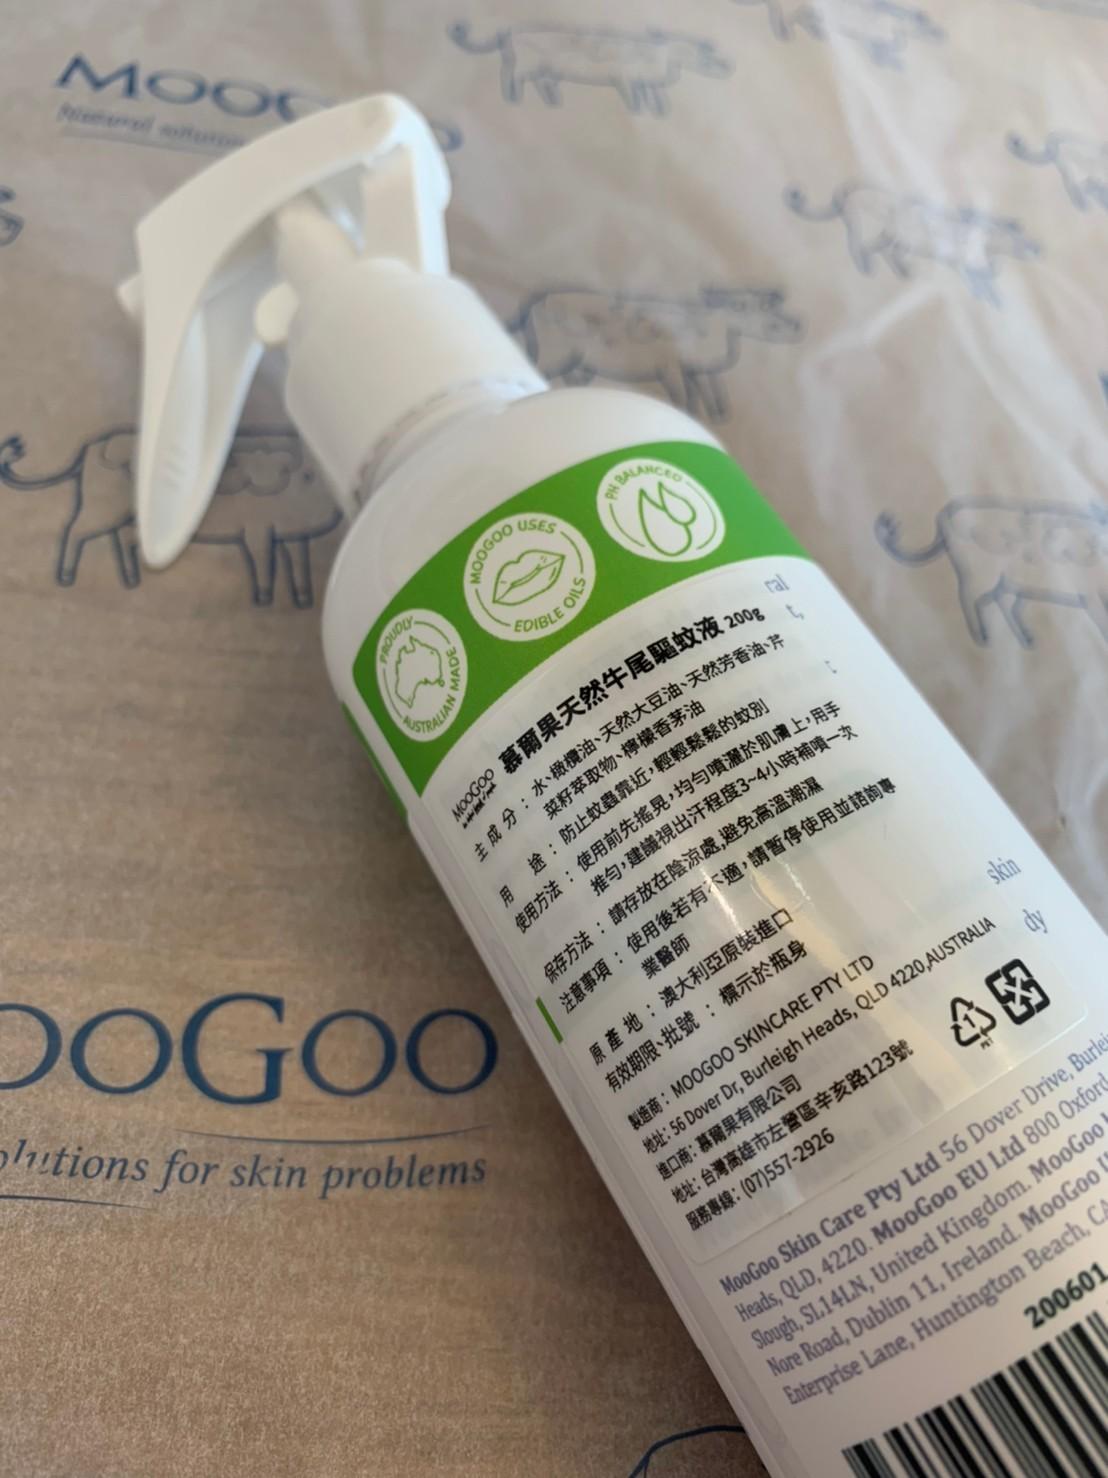 MooGoo牛尾防蚊液使用的成分是? | 防蚊液